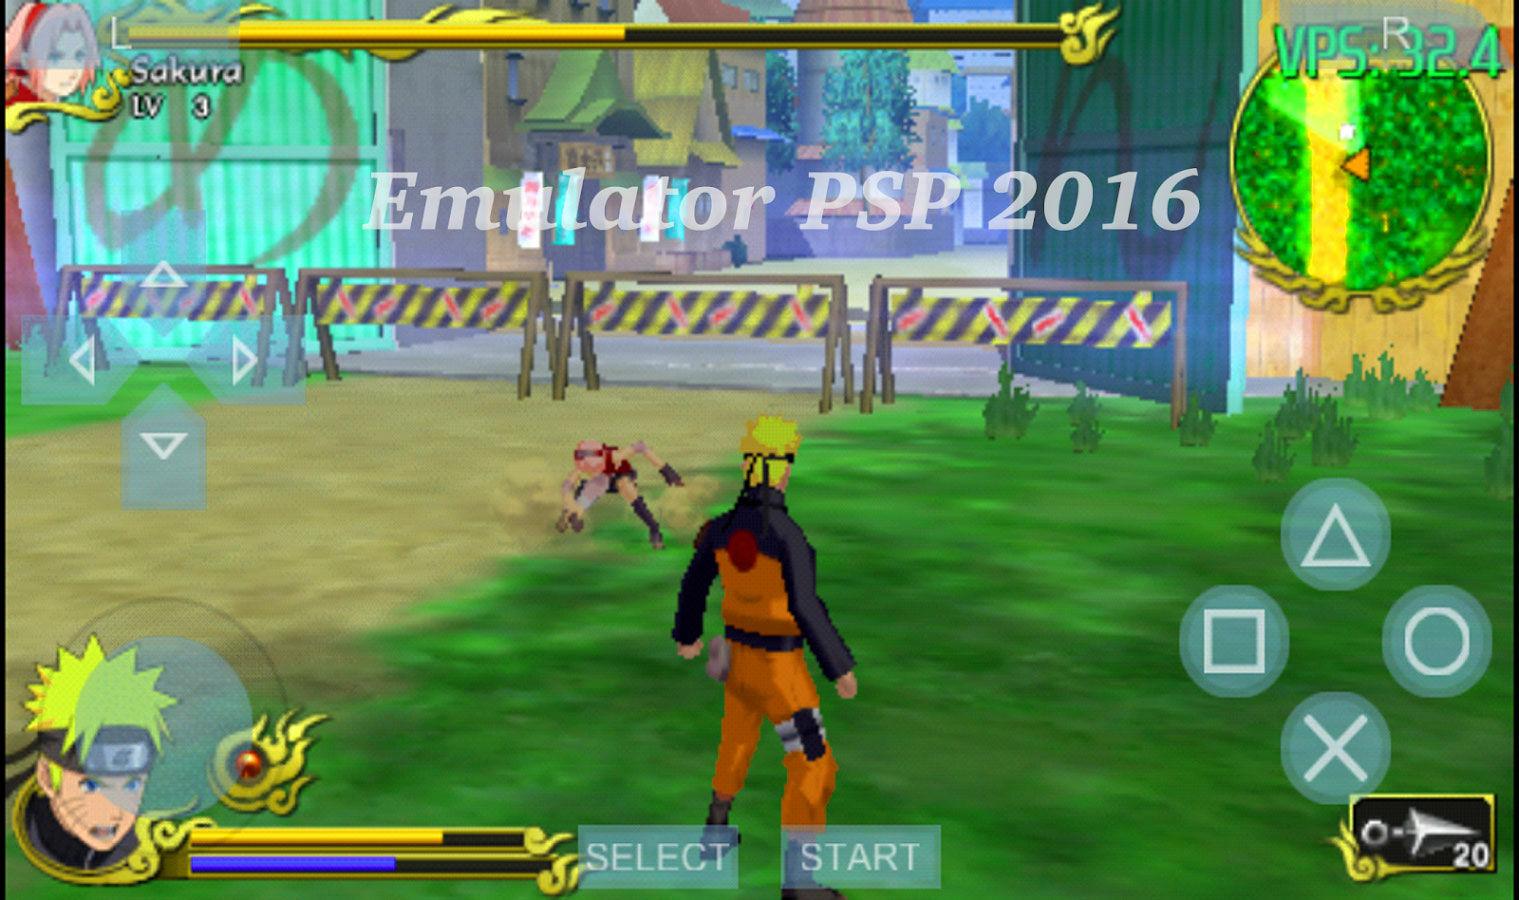 Emulator-Pro-For-PSP-2016